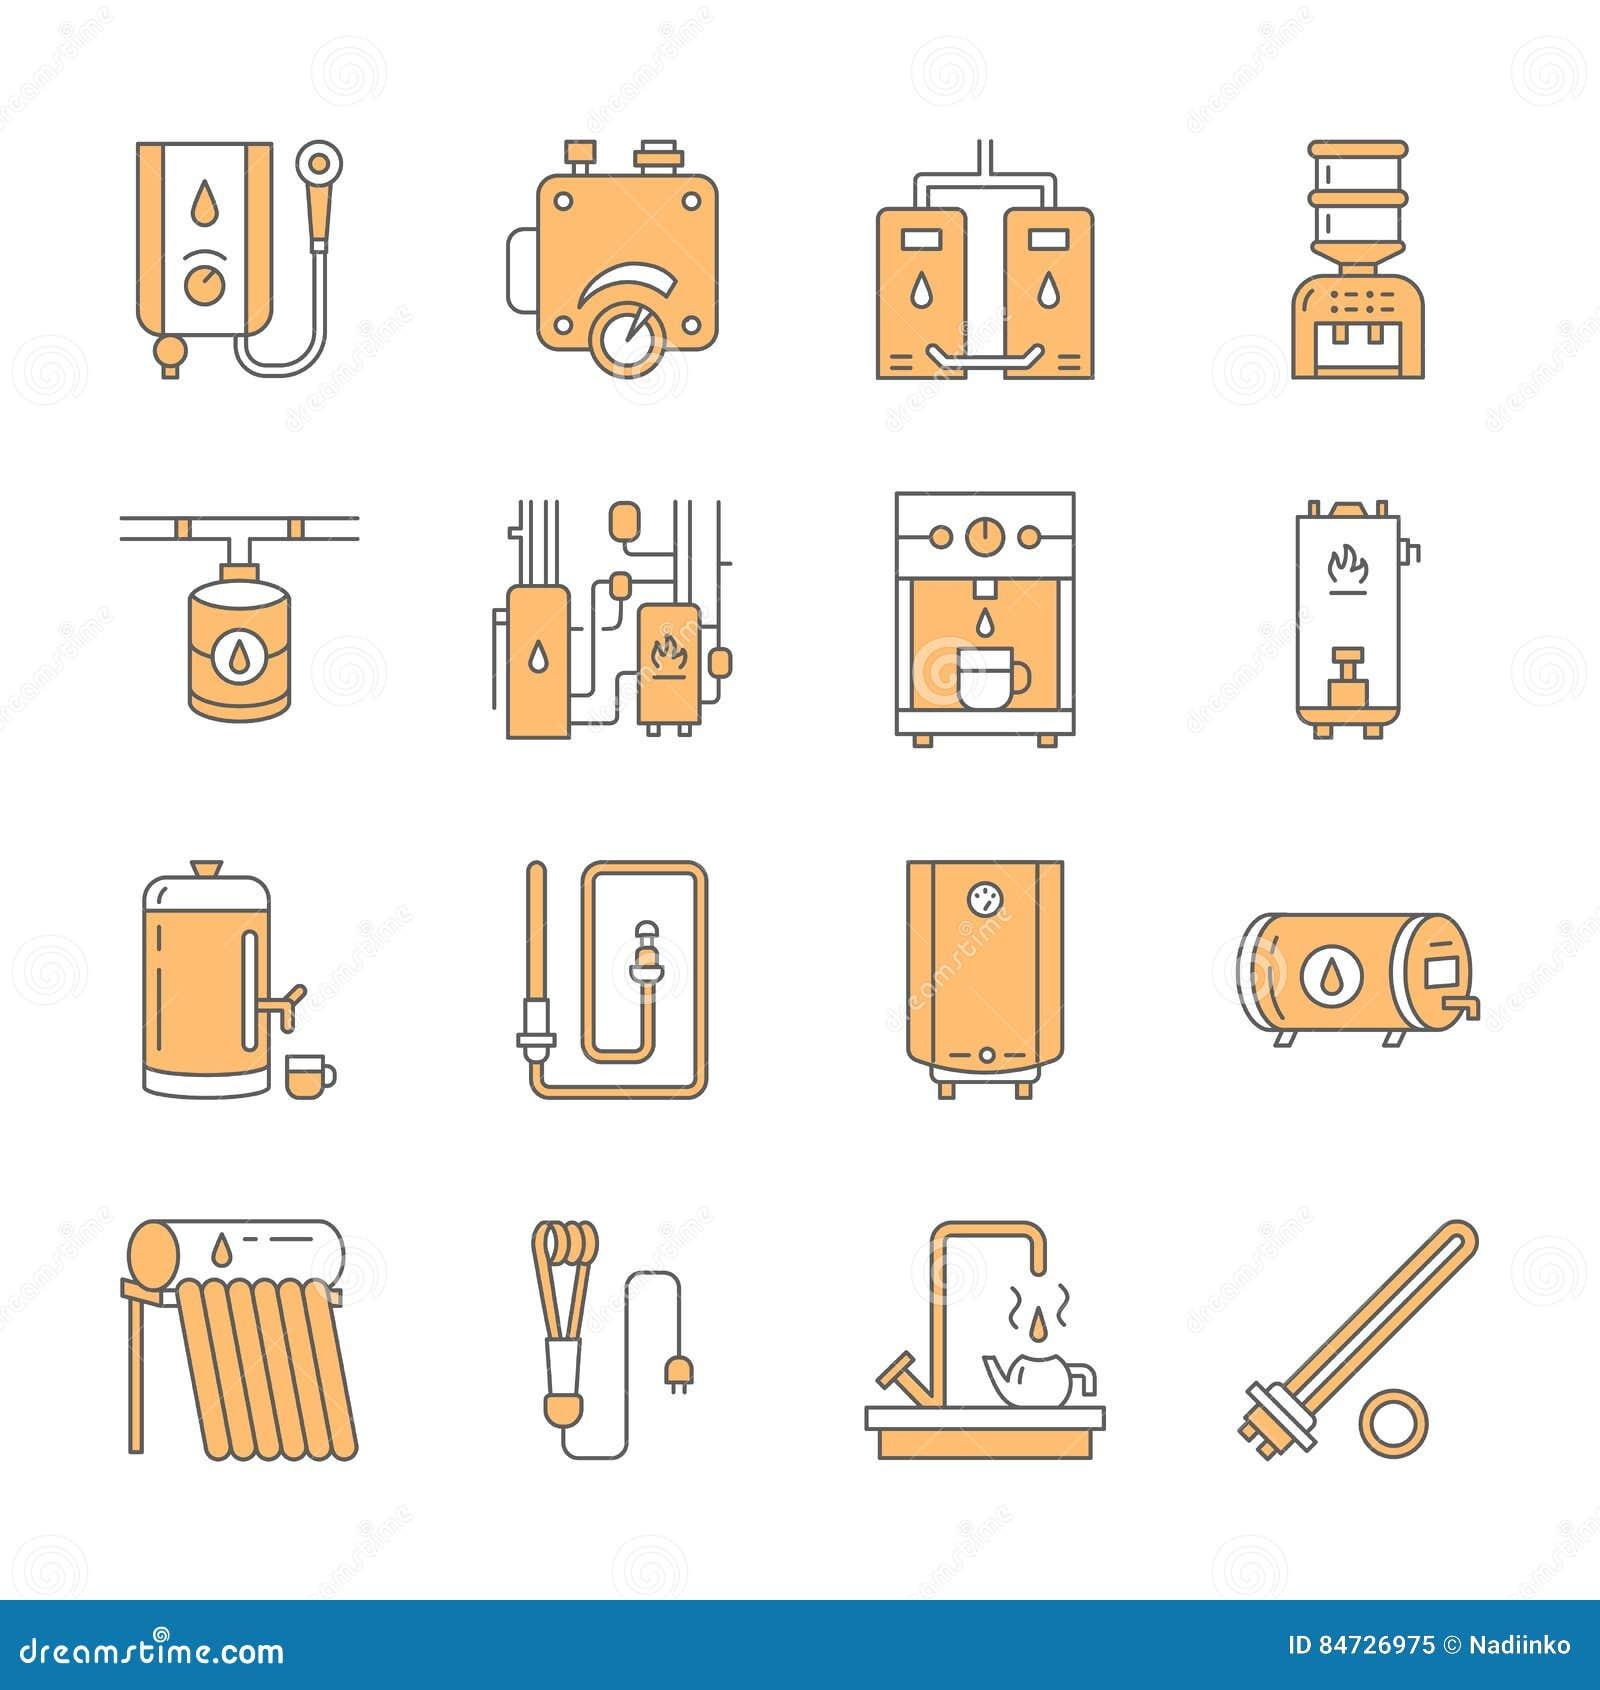 Calefaccin electrica o gas natural good radiador elctrico - Calefaccion electrica o de gas ...